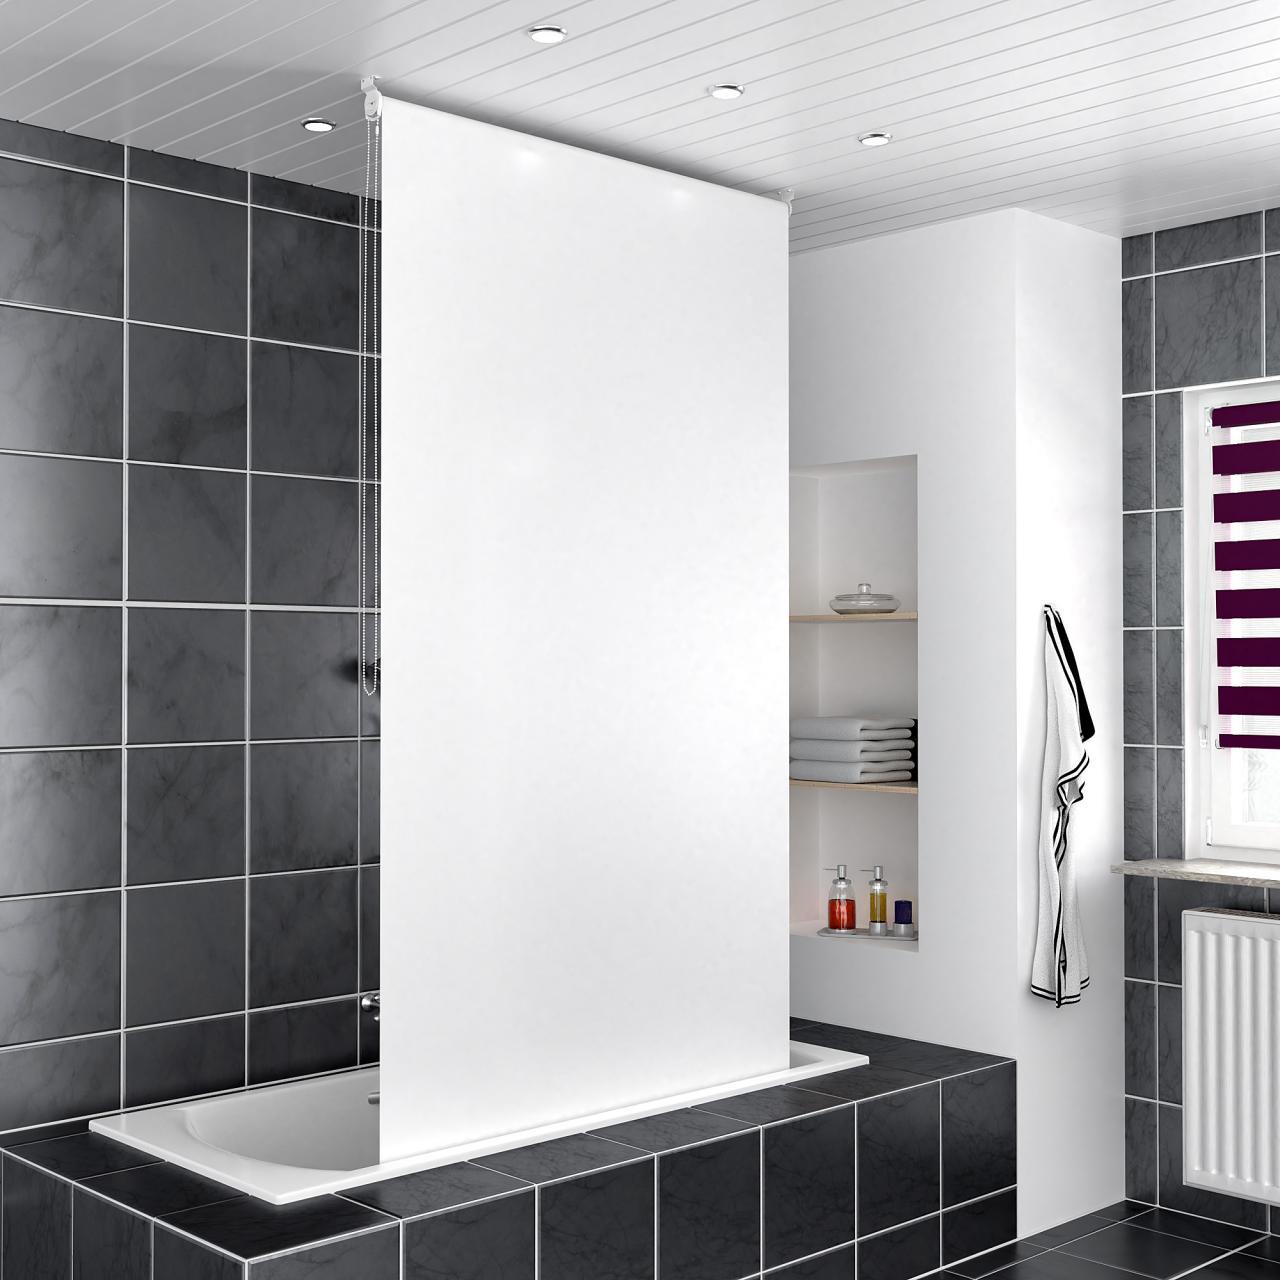 homelux duschrollo vorhang dusche bad alu klemmstange gr ssen farbwahl design ebay. Black Bedroom Furniture Sets. Home Design Ideas